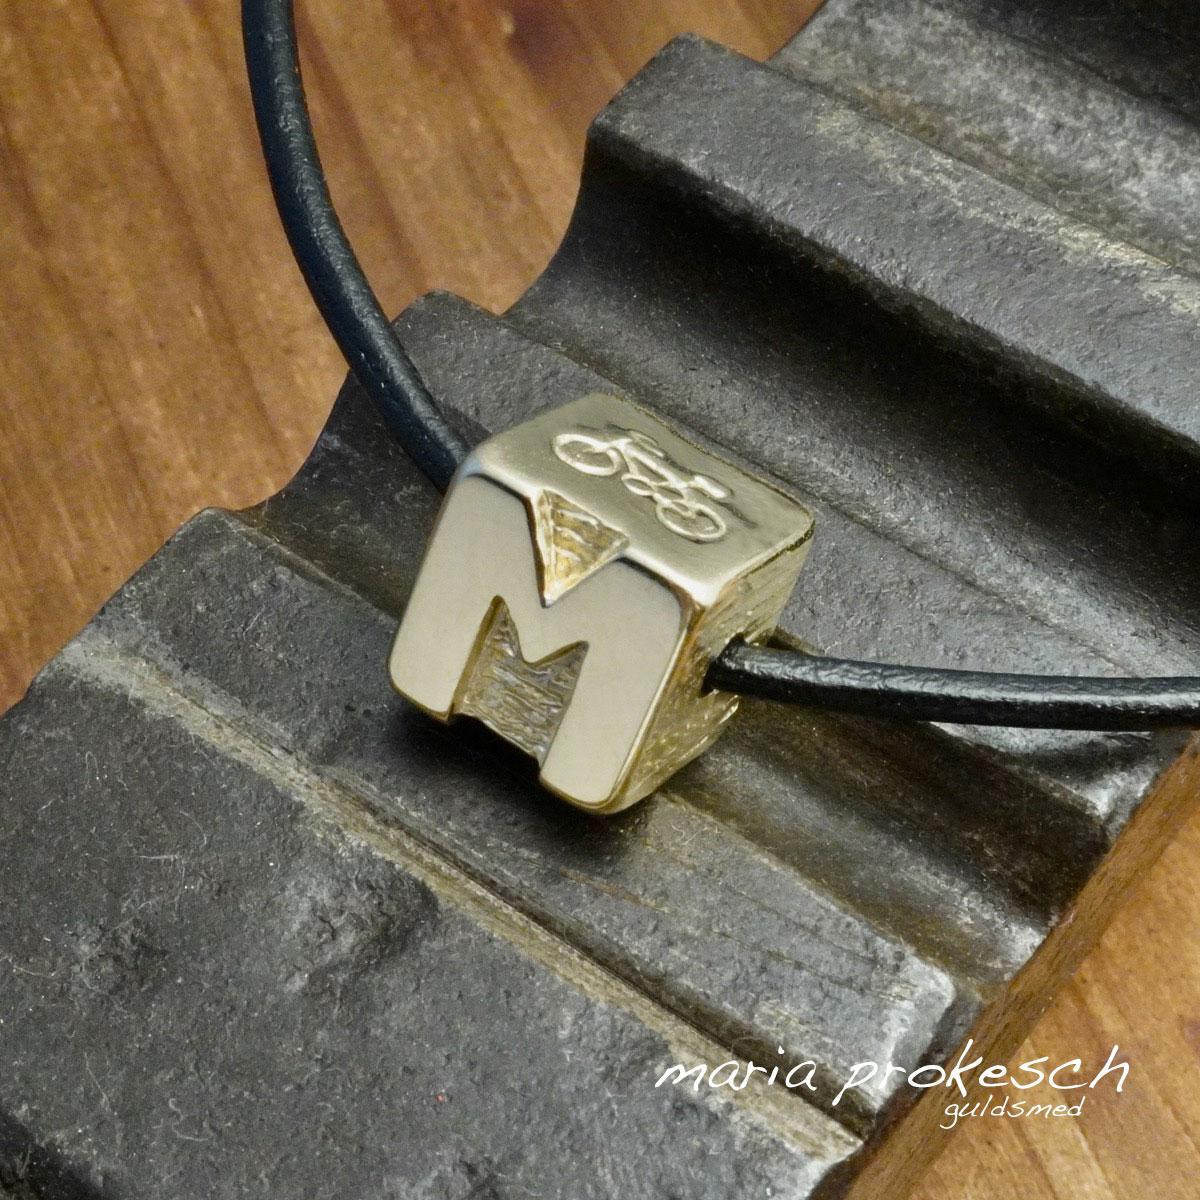 Vedhæng, herresmykke, terning i guld med initialer og cykel i råå design